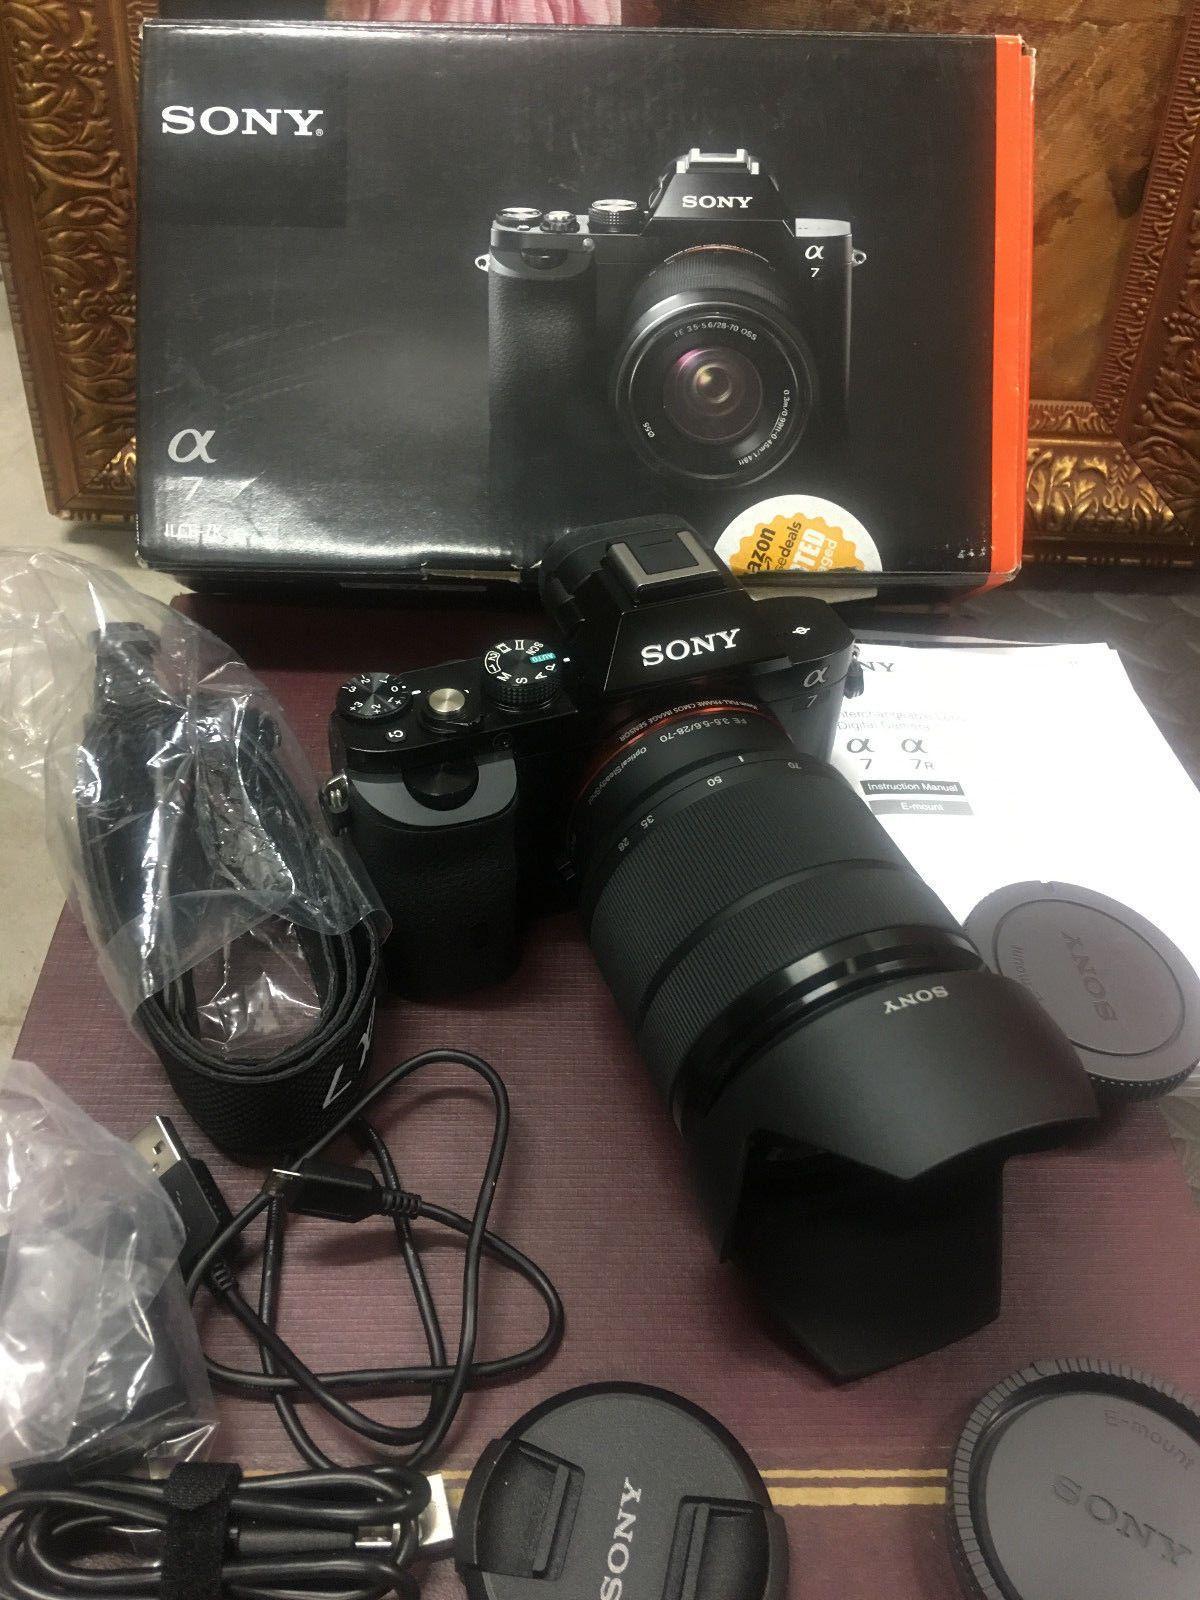 Sony A7 Ilce 7k 24 3mp Full Frame Camera Fe 28 70mm F3 5 5 6 Oss Zoom Lens Kit Full Frame Camera Digital Camera Zoom Lens